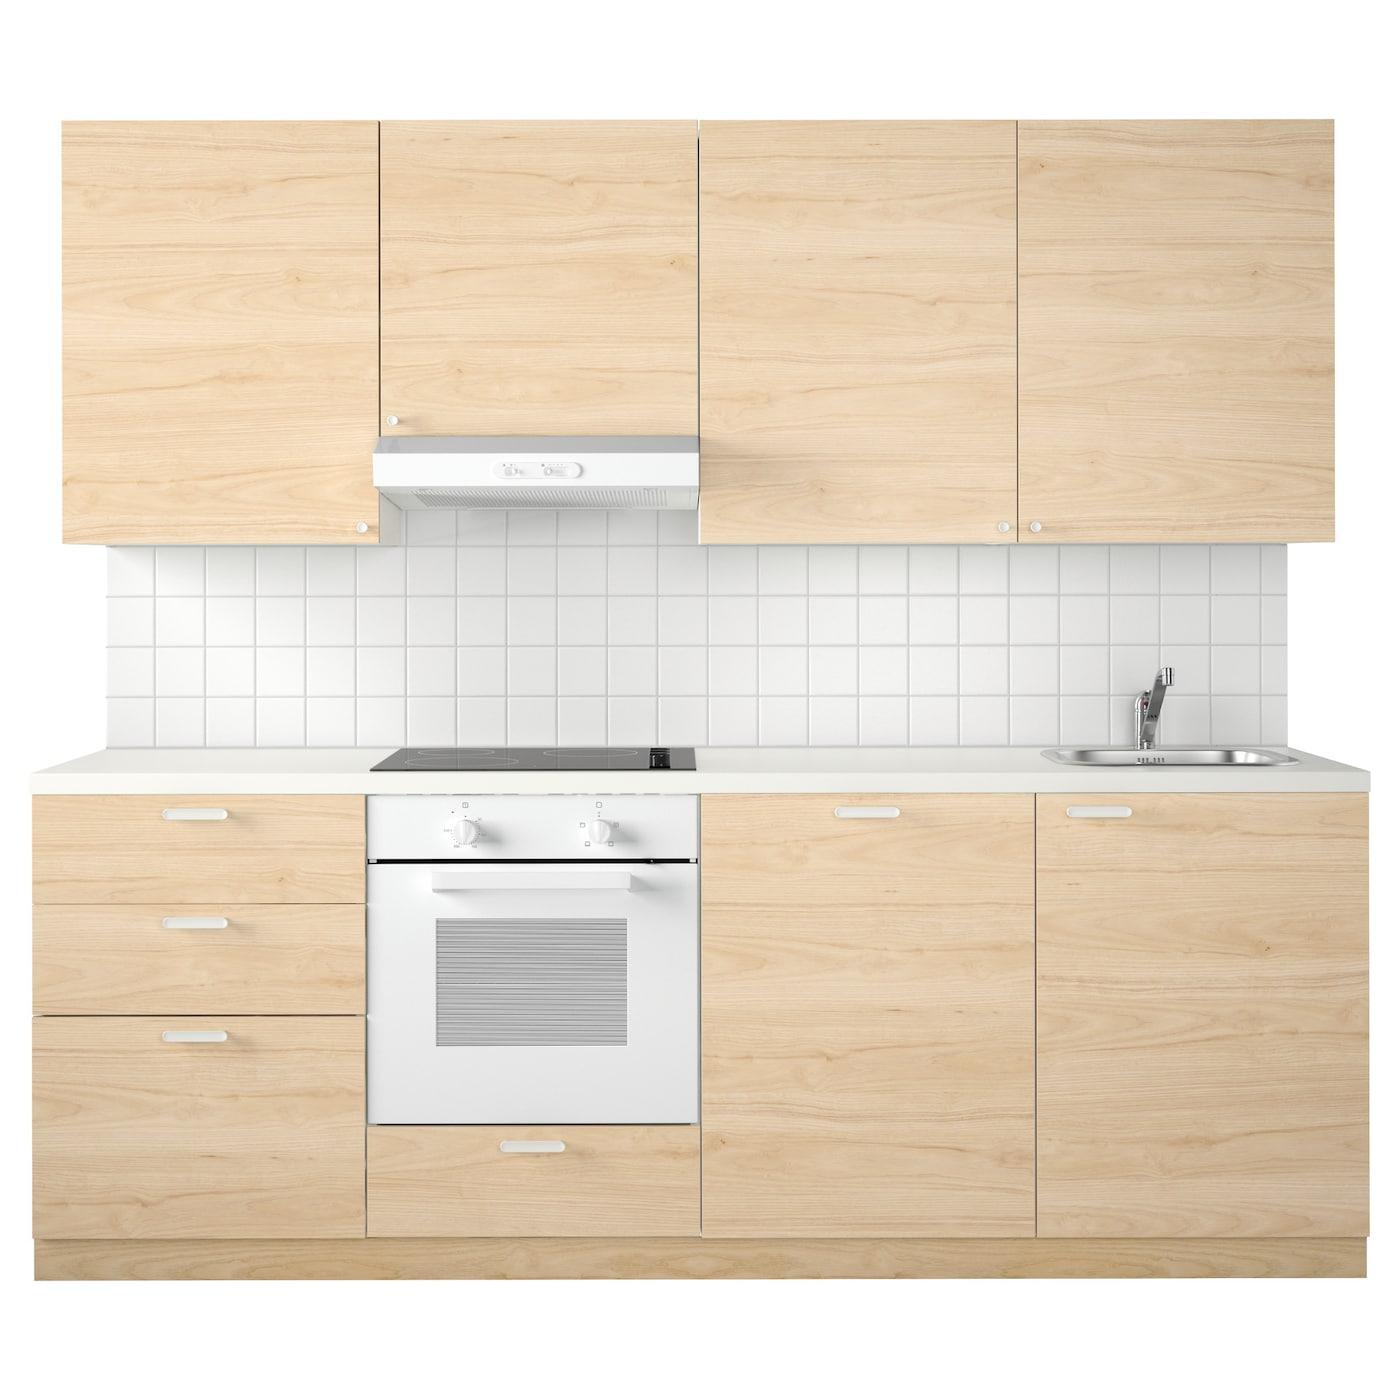 IKEA METOD cocina Con baldas regulables para que puedas adaptar el espacio  a tus necesidades. a38778cbddbe